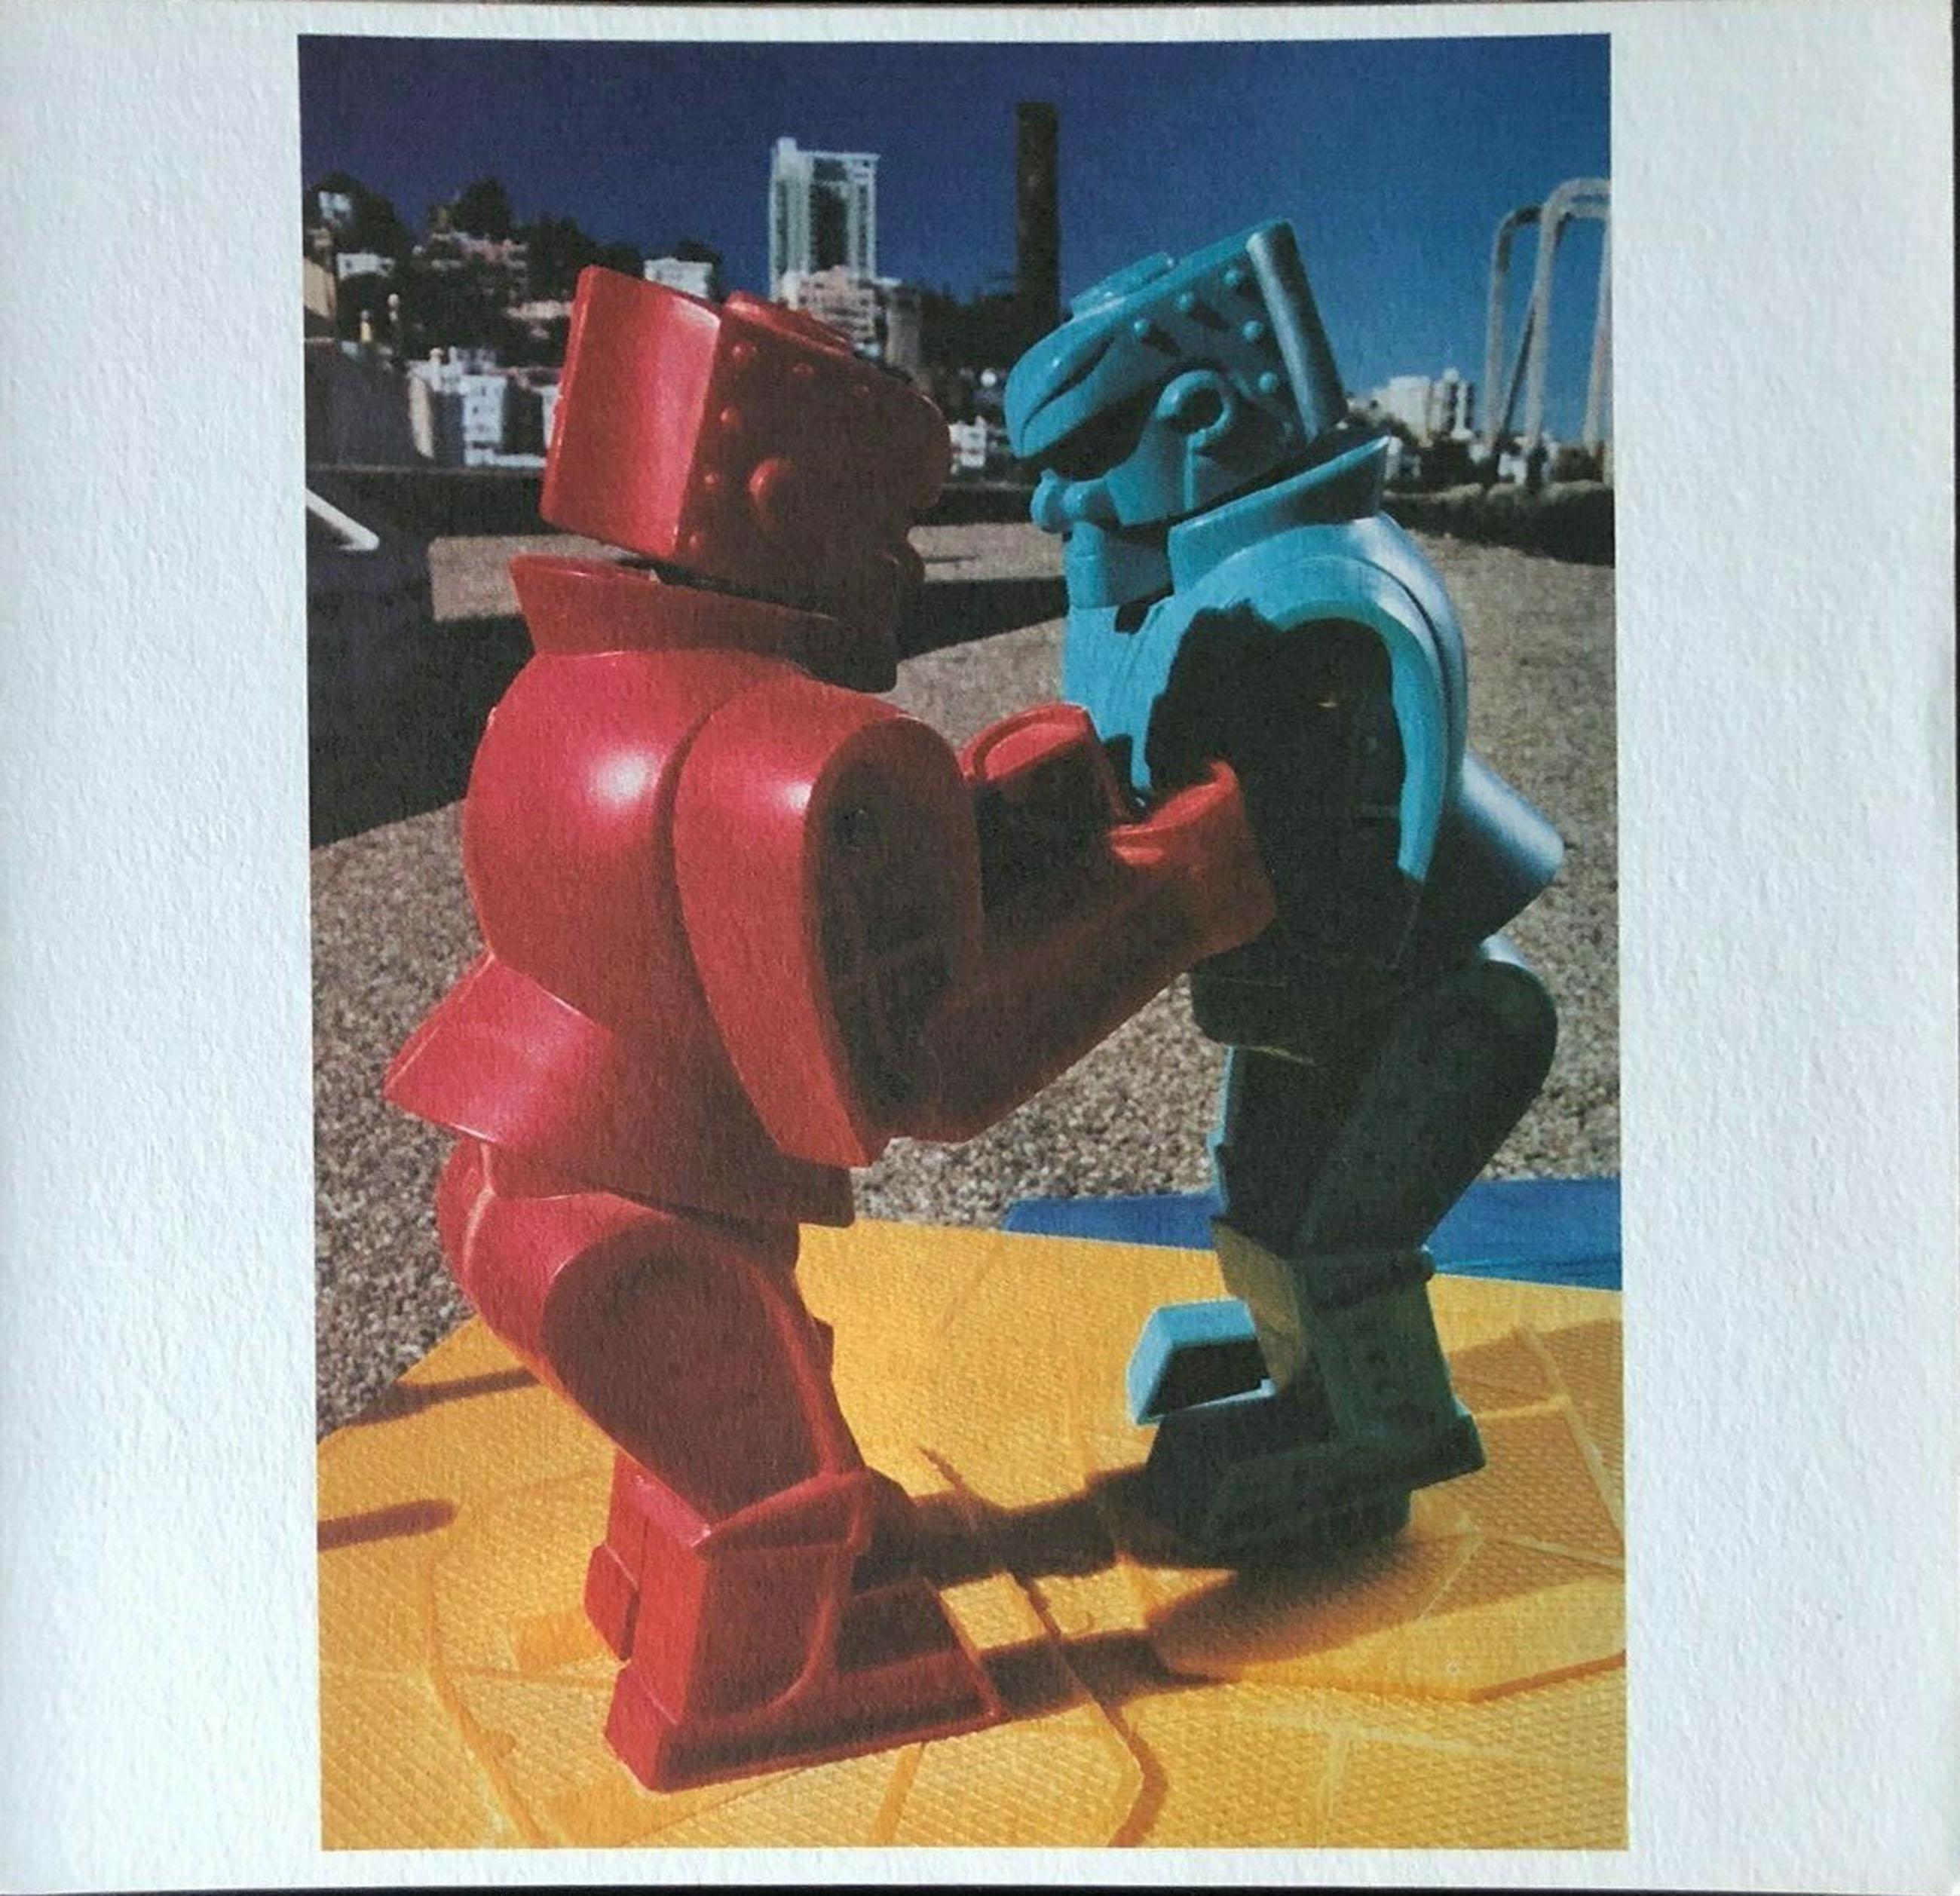 Yura Adams, Rock 'em Sock 'em Robots, Offset Lithograph